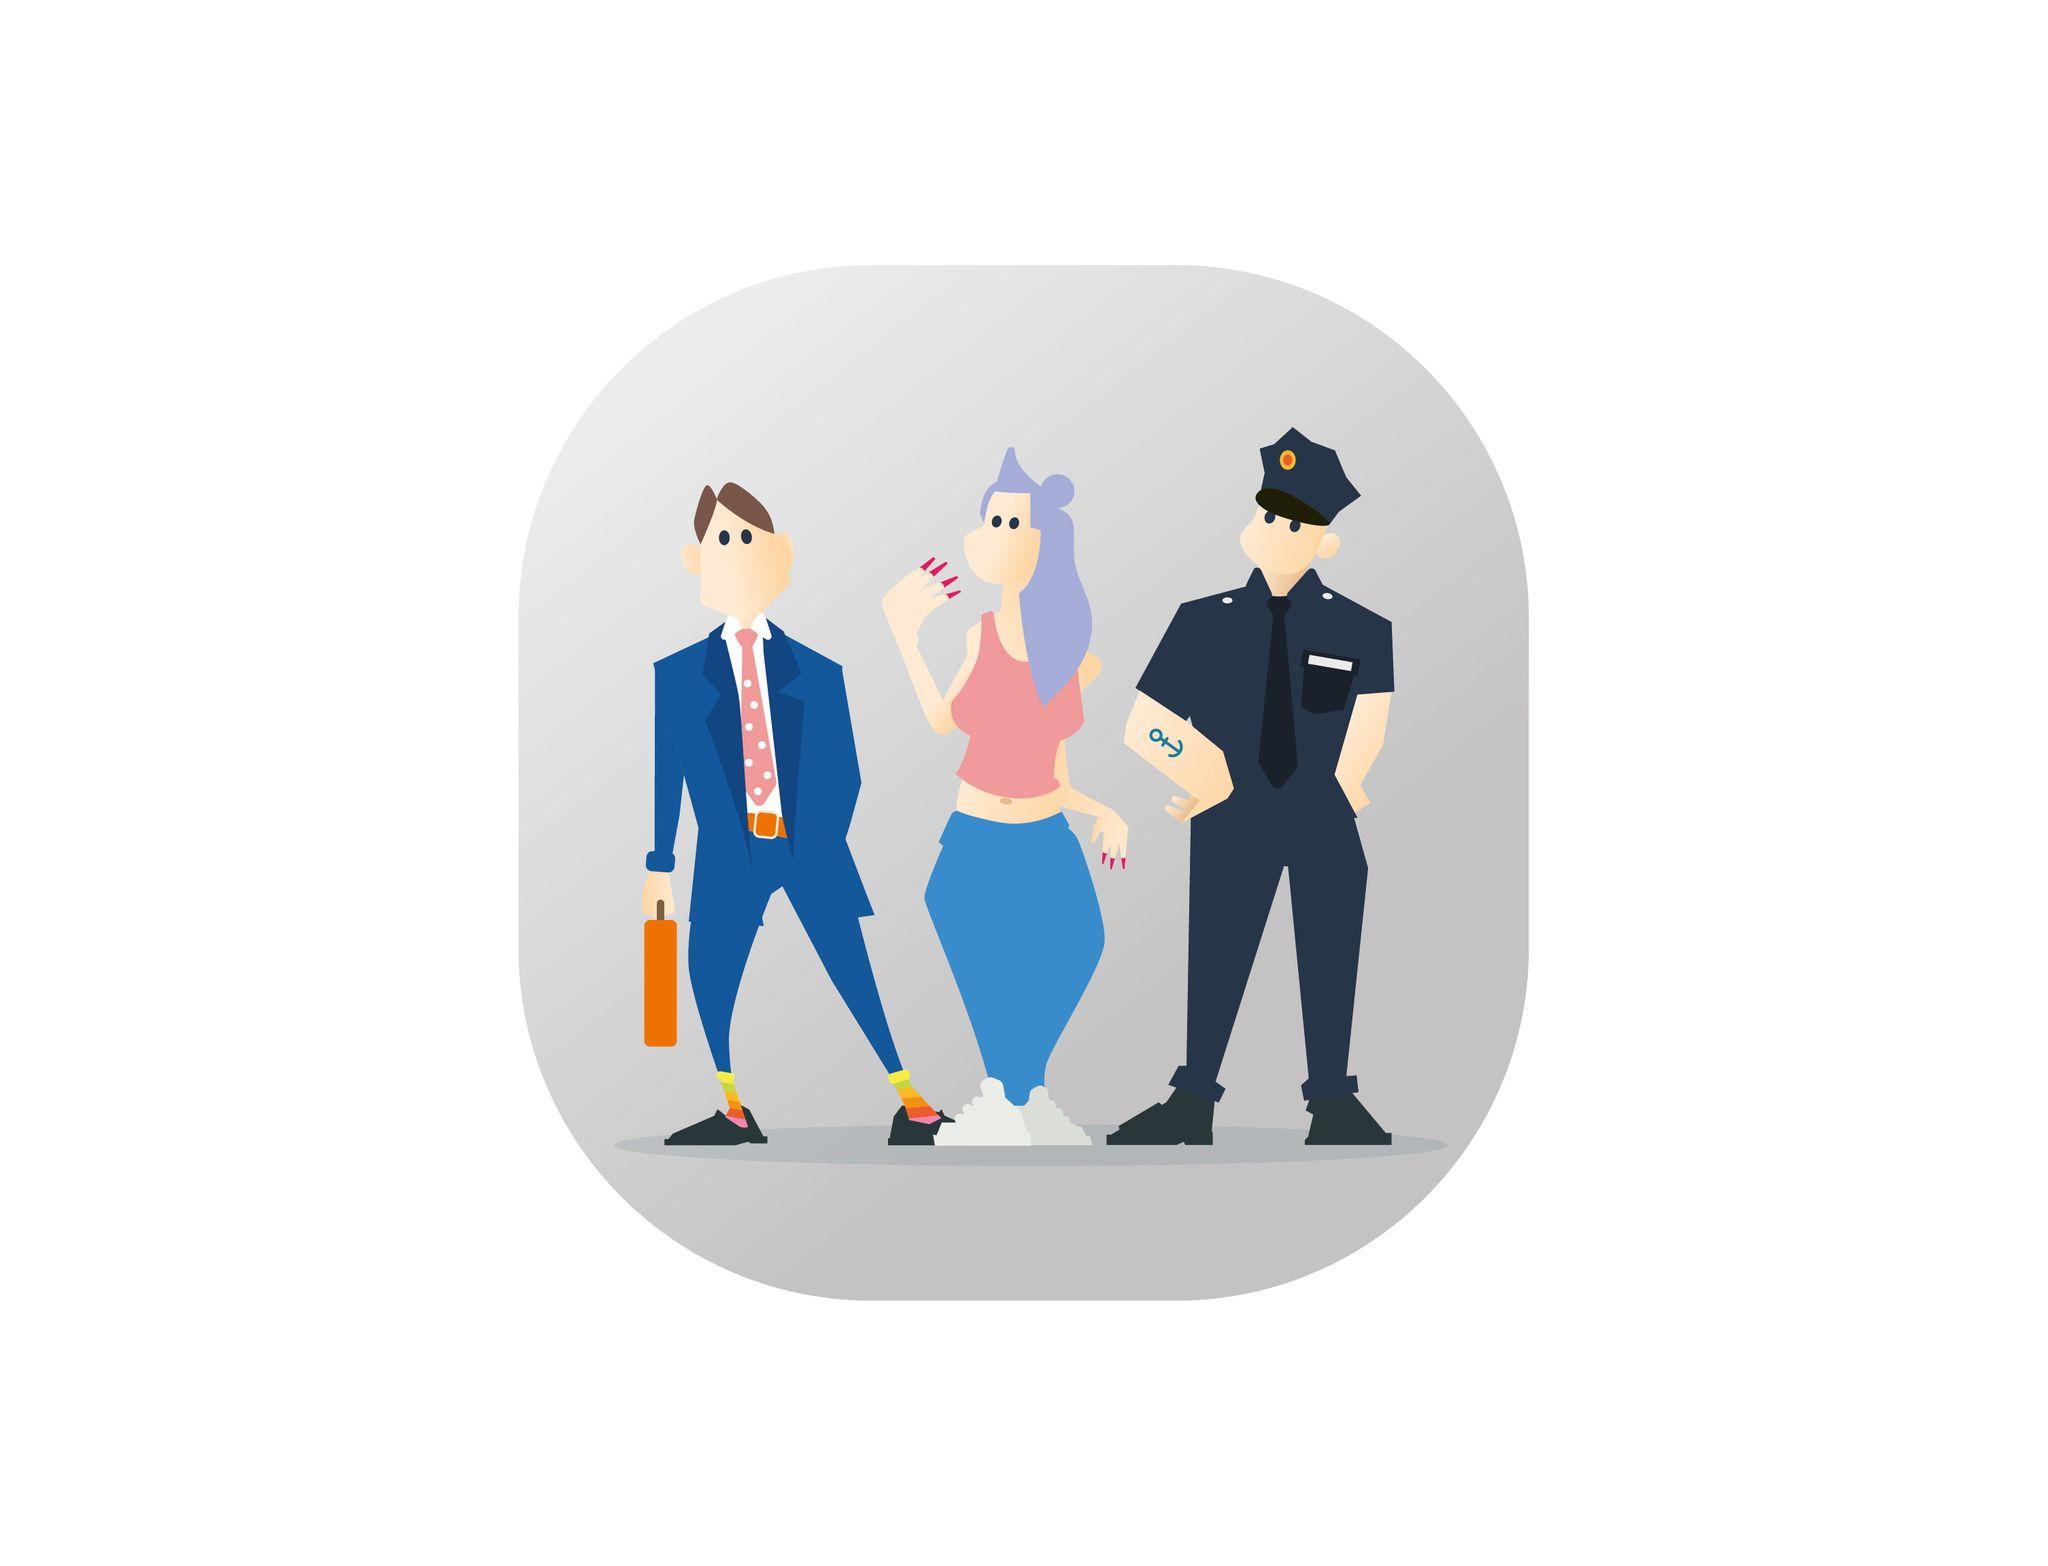 Kleidung, Tattoos, Haare: Wann darf Arbeitgeber mitreden?